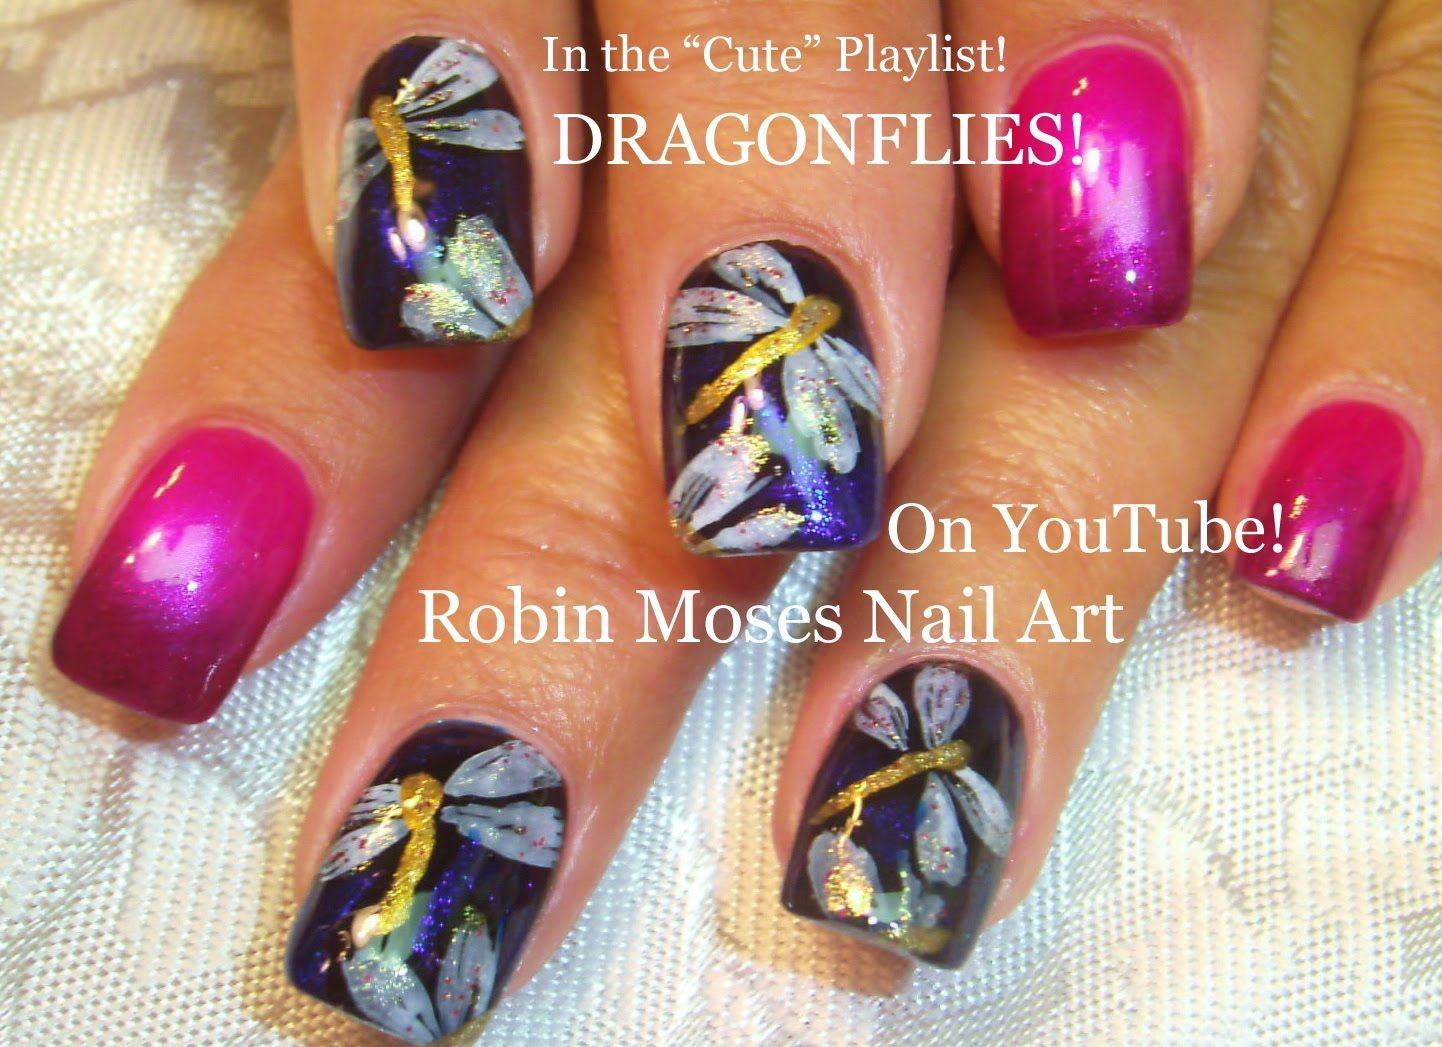 Easy Nail Art Design - DIY Dragonfly Nail Art Tutorial | Nails ...